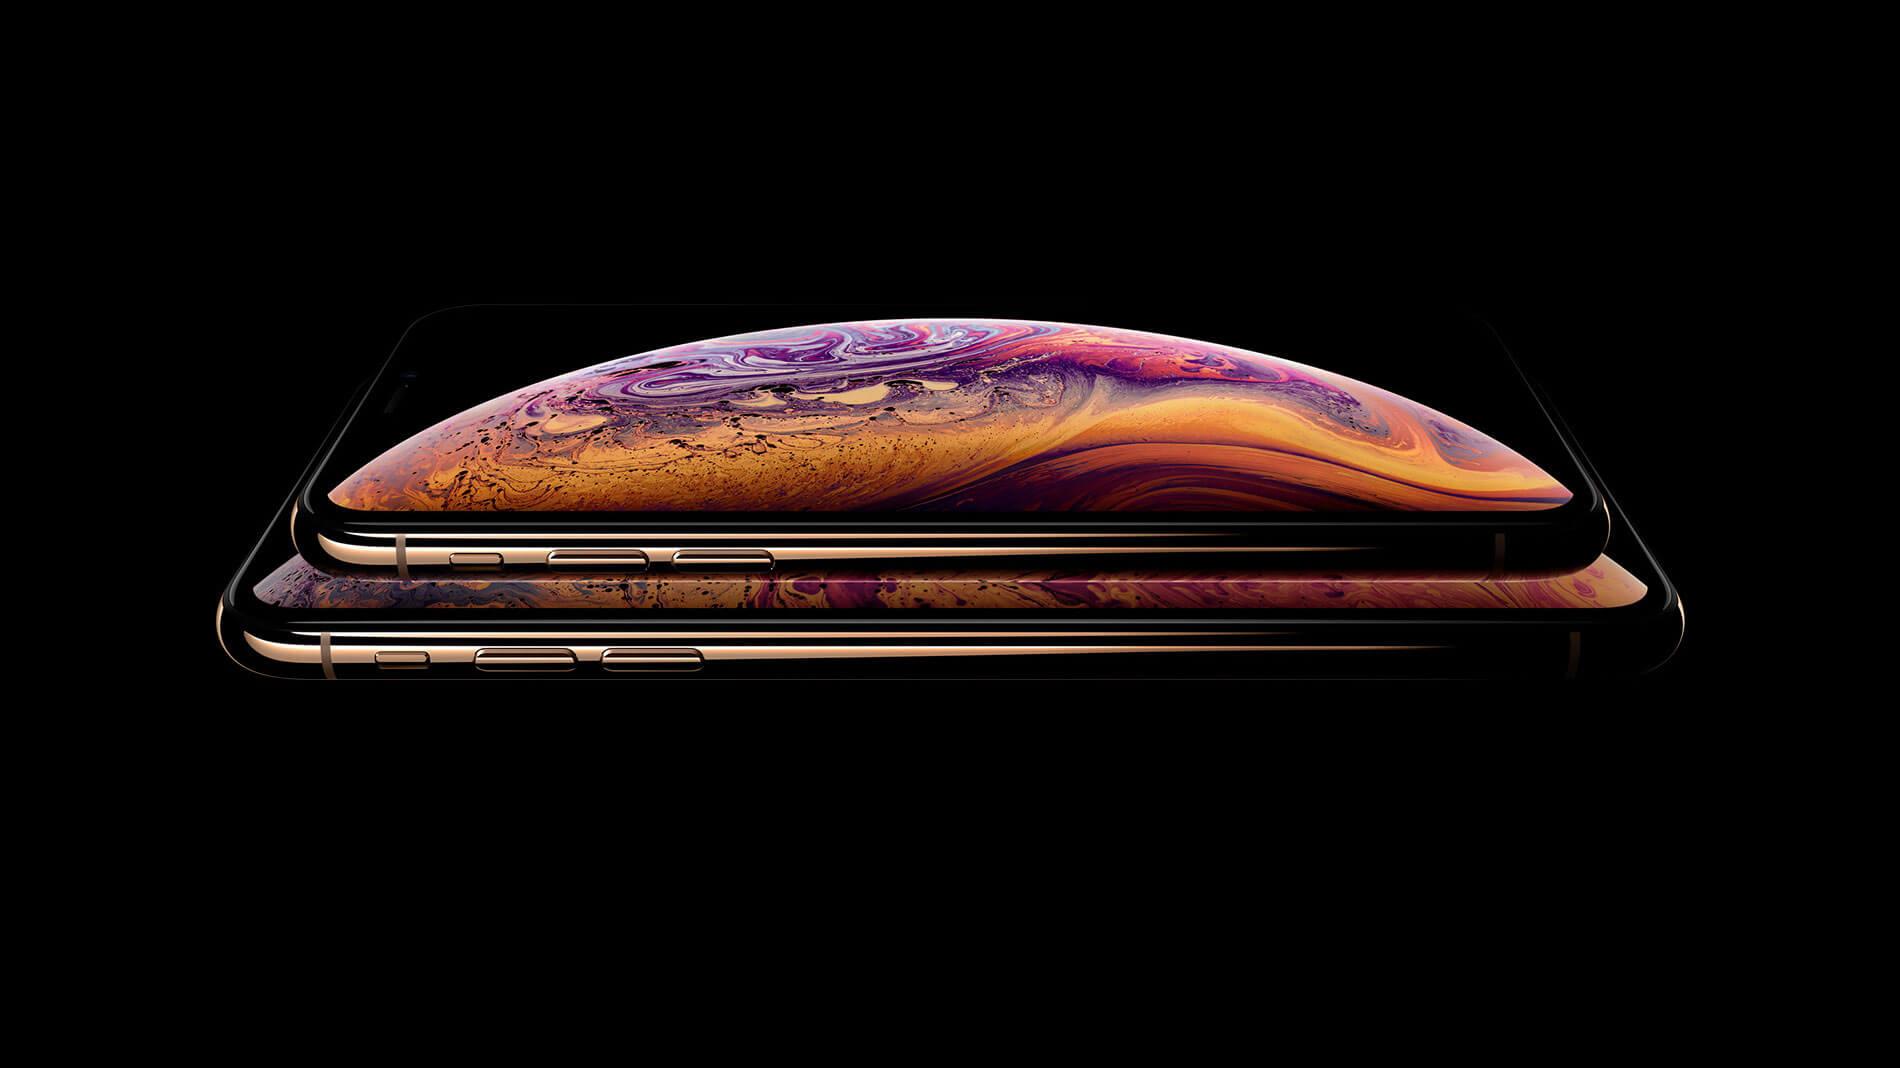 ソフトバンクのiPhone XS / iPhone XS Maxの本体価格、月額料金まとめ